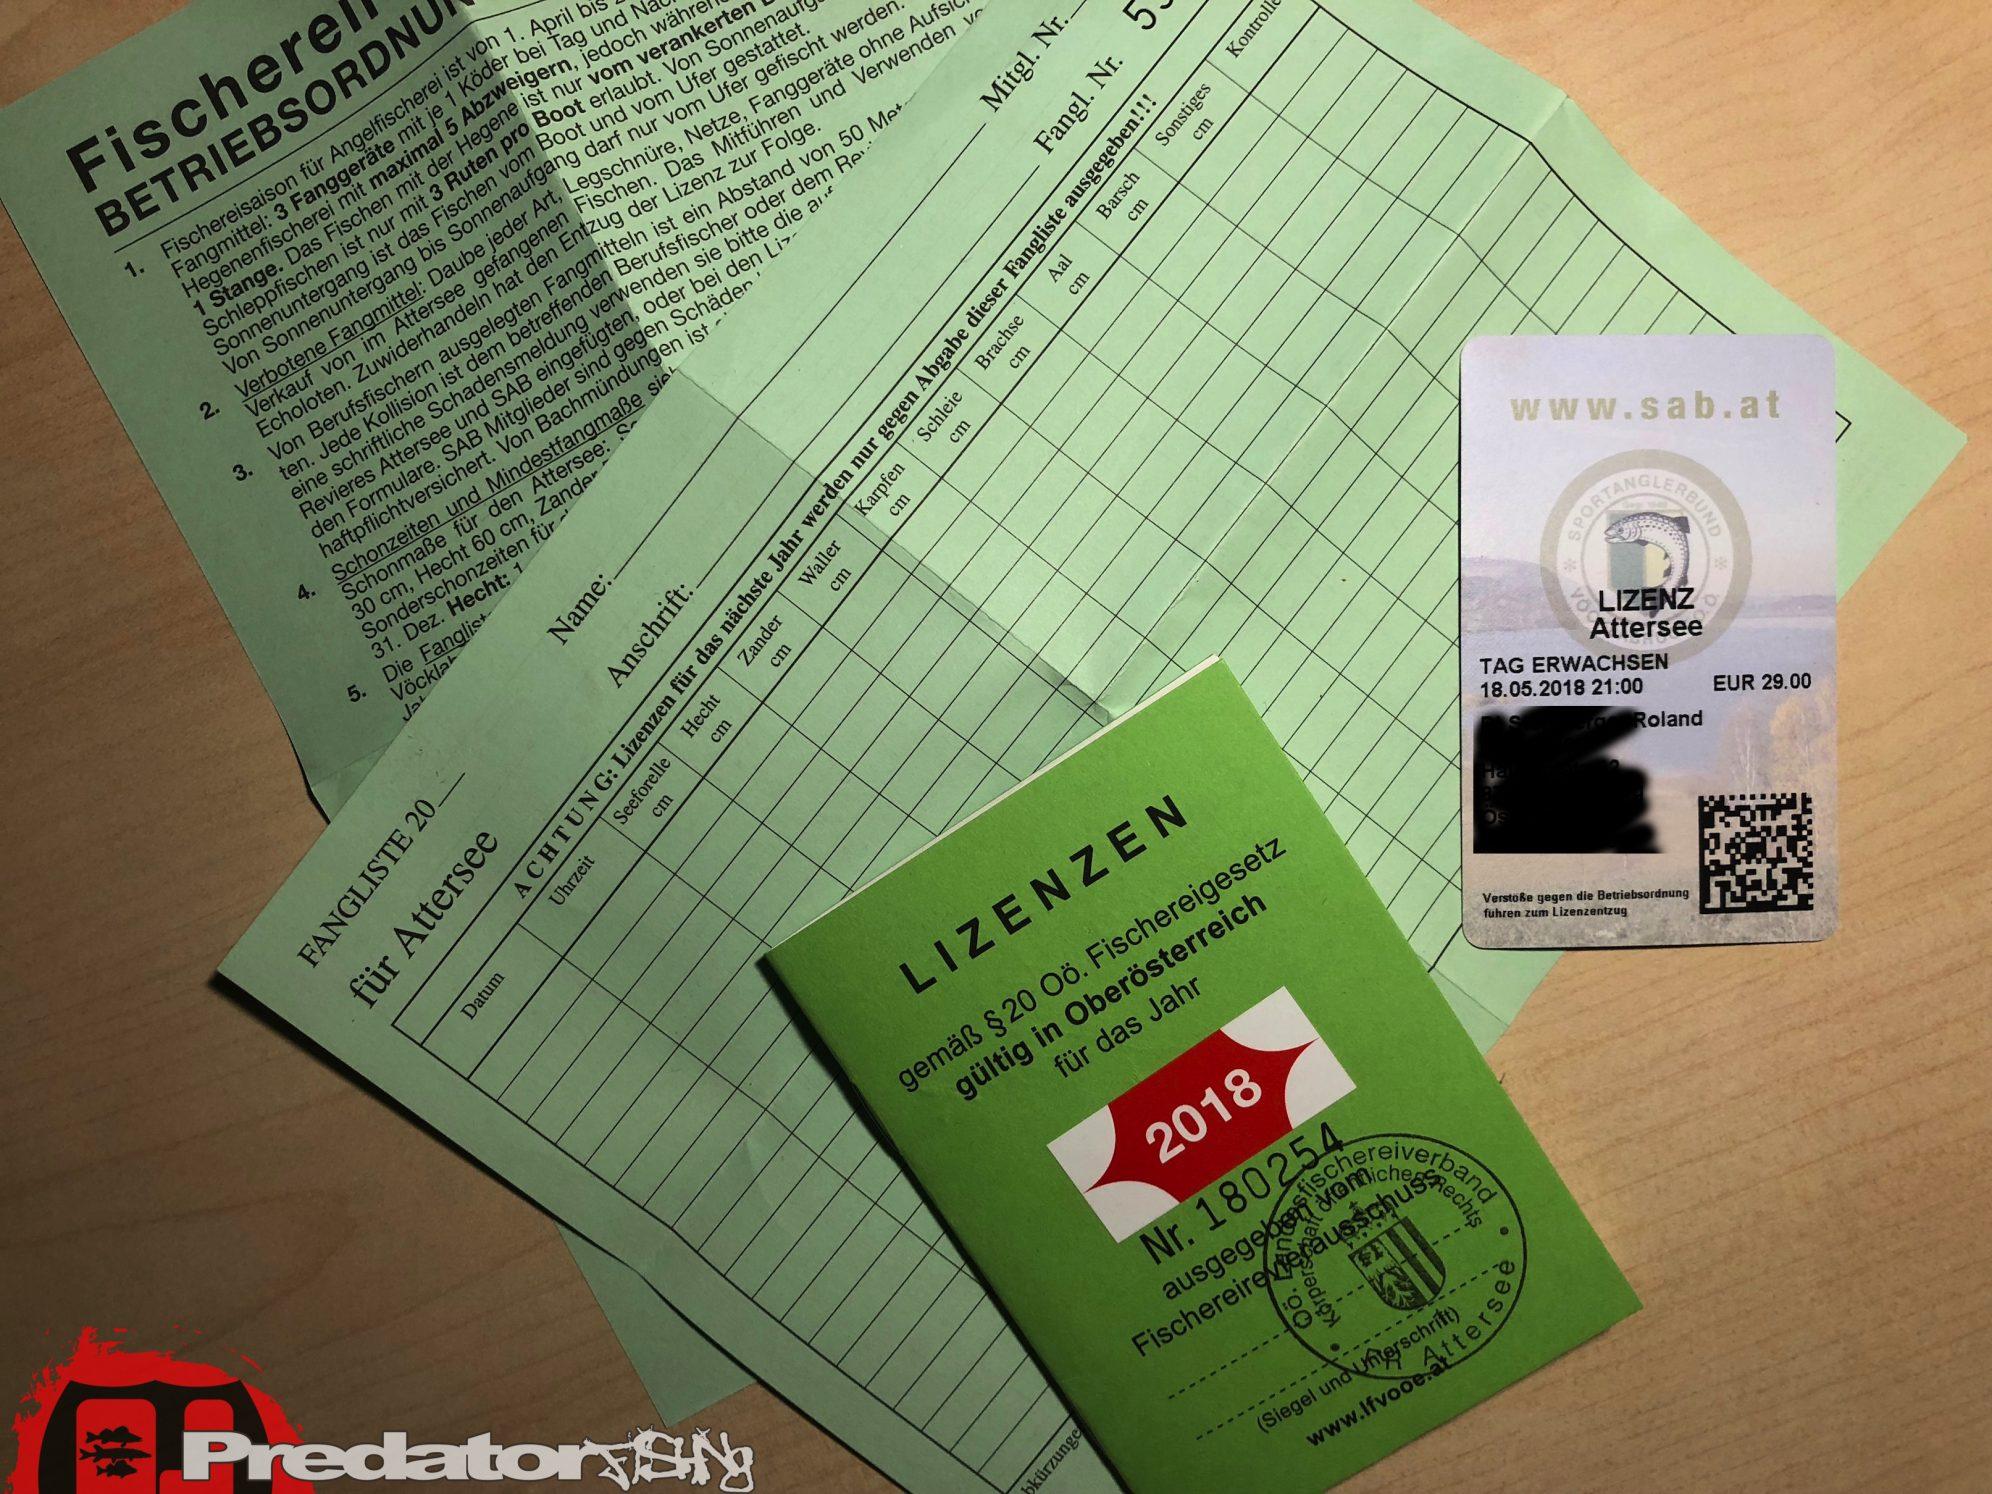 Raubfisch-Angeln am Attersee Lizenzen